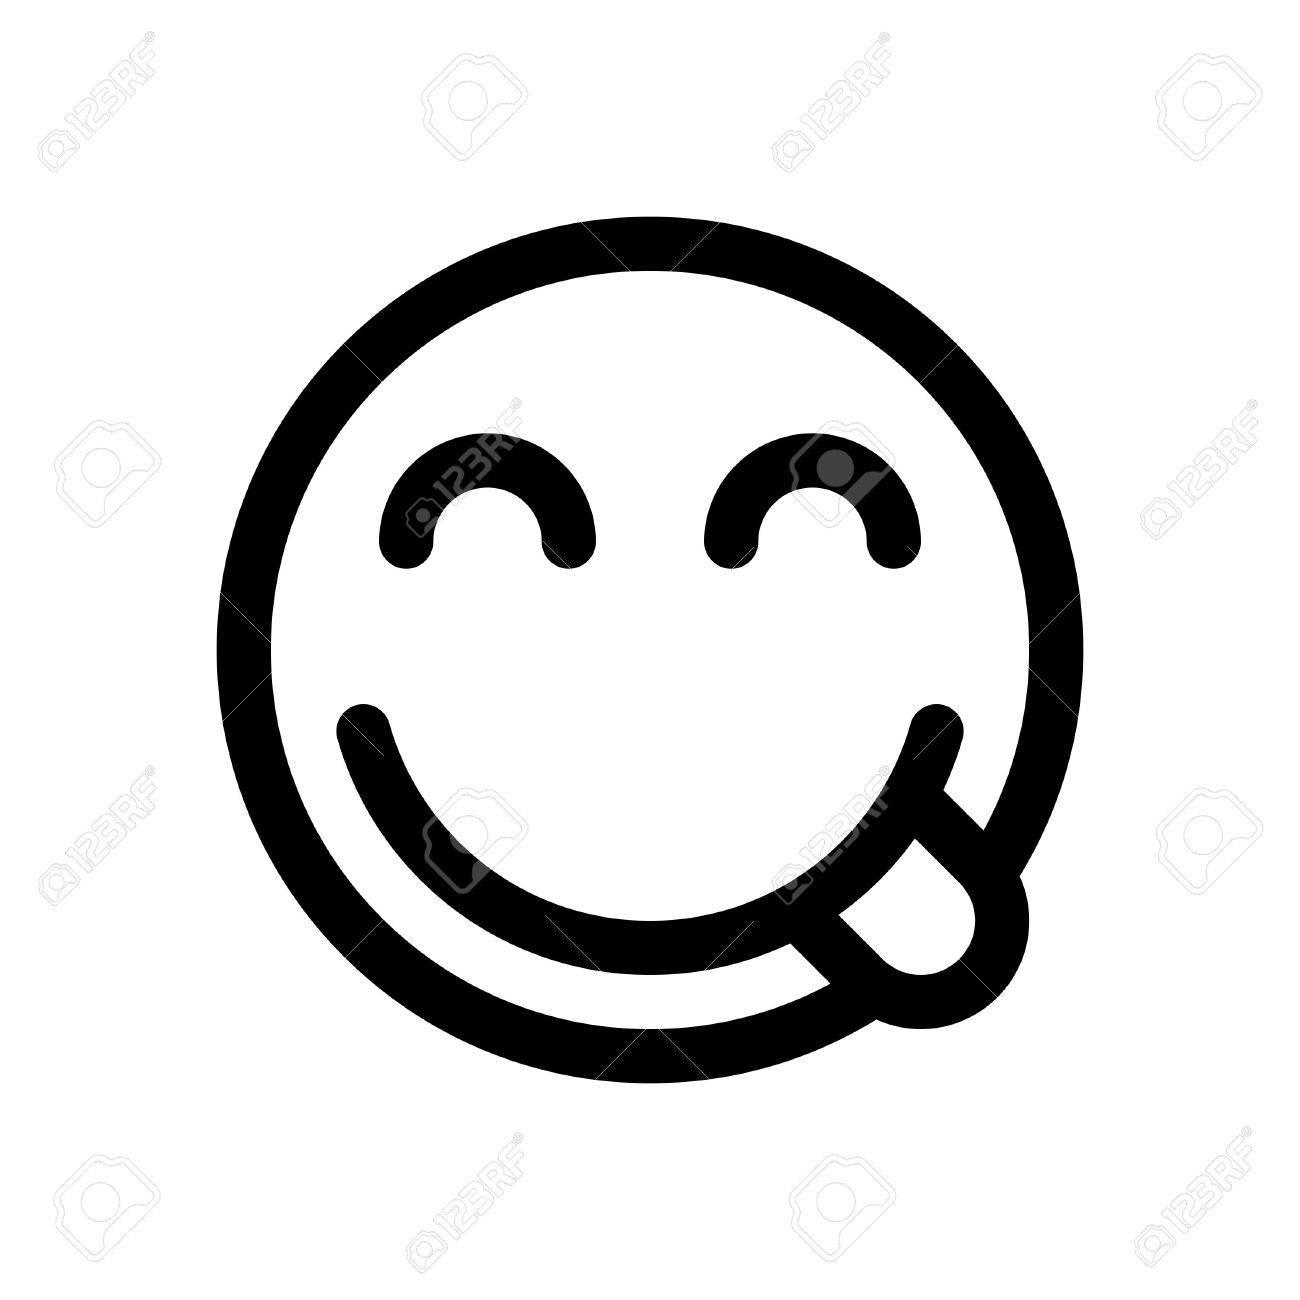 emoji savouring delicious food - 86306765